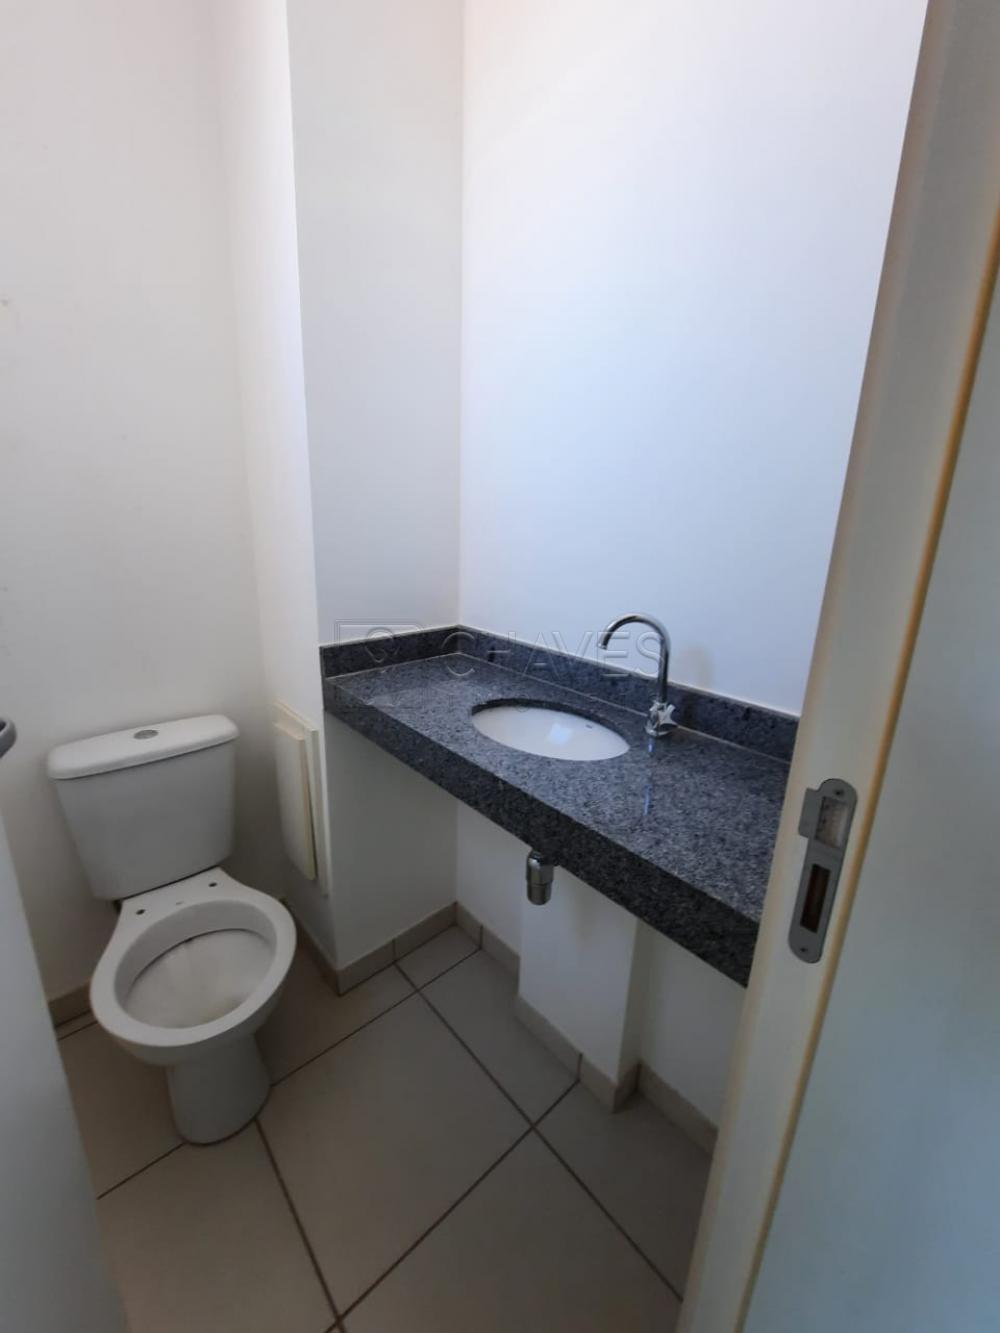 Alugar Comercial / Sala em Condomínio em Ribeirão Preto apenas R$ 1.500,00 - Foto 6